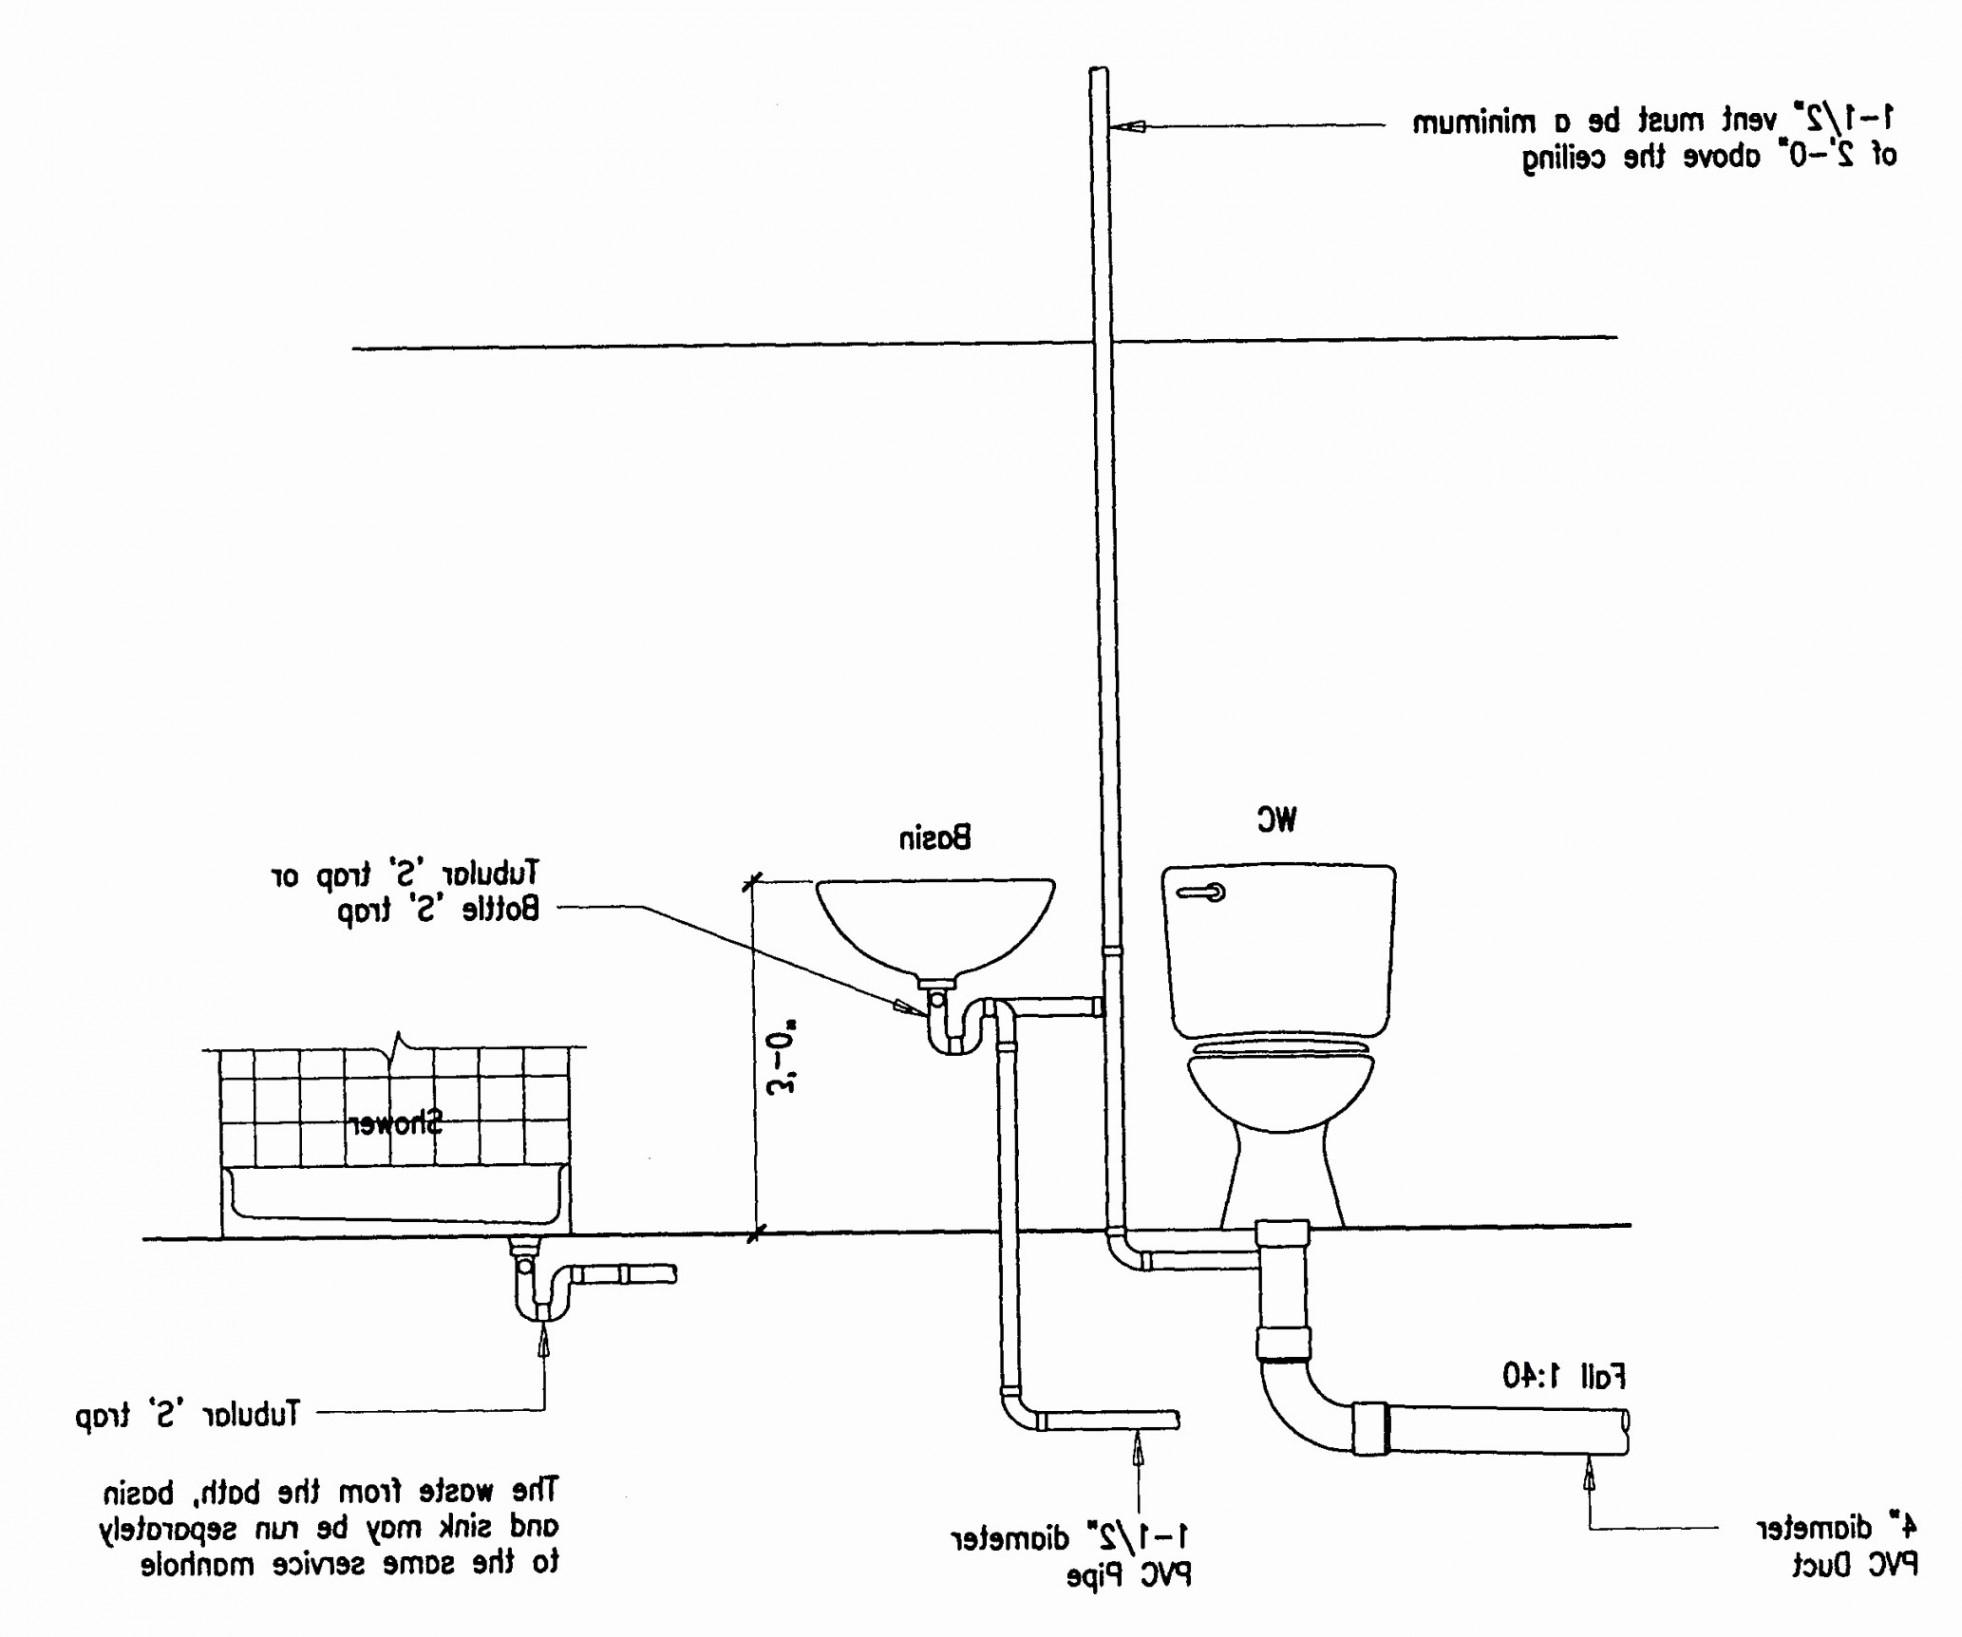 Sink Plumbing Diagram Kitchen Sink Plumbing Diagram Unique Under Bathroom Sink Plumbing